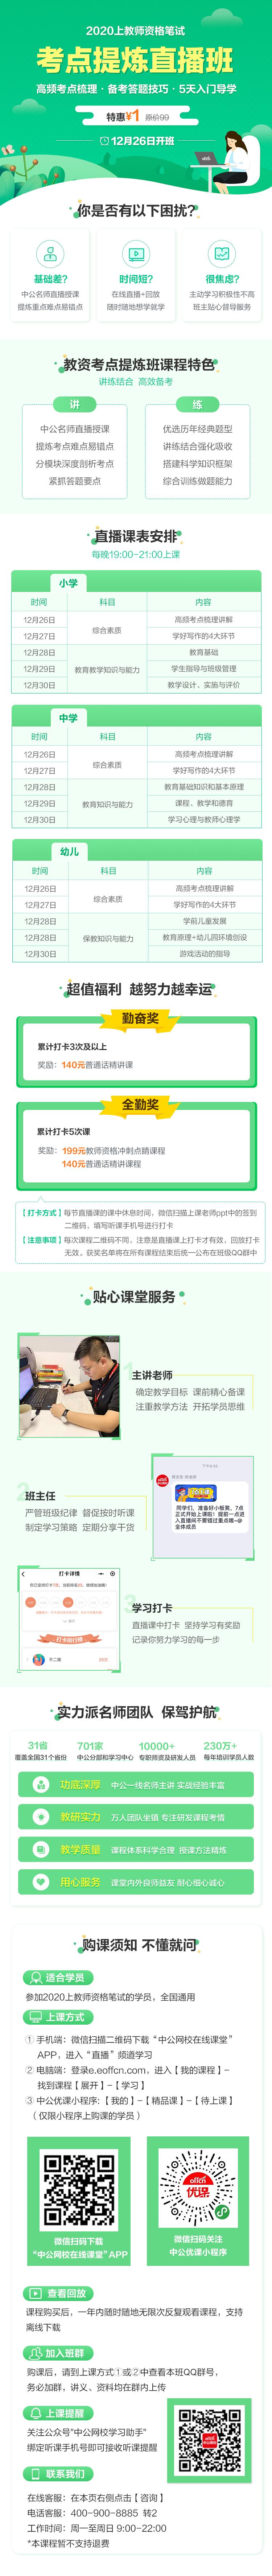 教资2期V9详情页(幼儿园小学中学).jpg